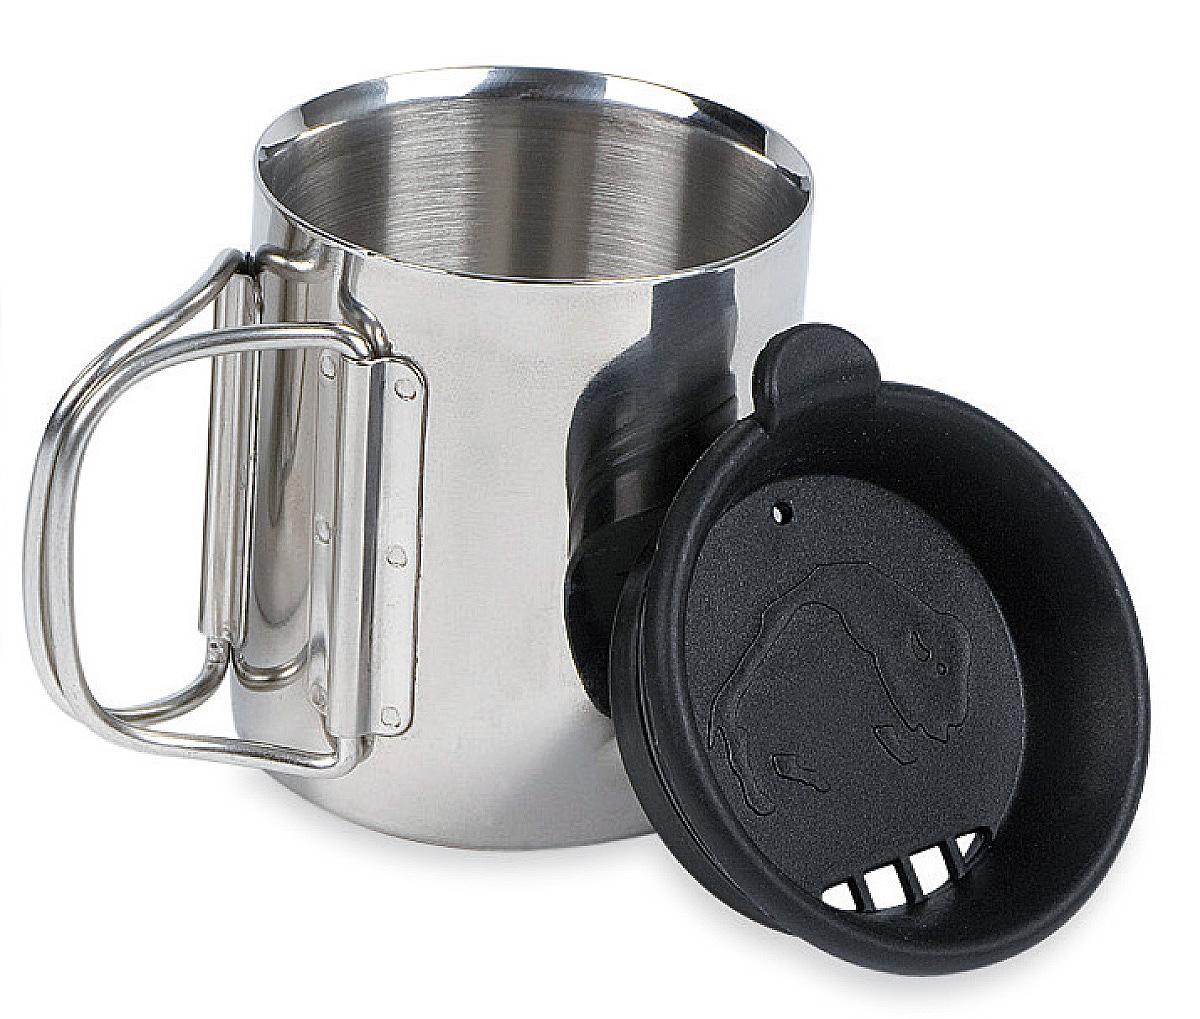 Термокружка с крышкой Tatonka Thermo, 0,25 л67742Термокружка Tatonka Thermo из нержавеющей стали со складными ручками и крышкой. Удобна в транспортировке. Кружка остается комфортной и прохладной снаружи, даже когда внутри кипяток. Крышка имеет специальные отверстия для питья. Это позволяет пить любимые напитки, не вынимая крышку, и напиток дольше не остывает. Внутри расположена мерная шкала.Высота кружки: 8,5 см.Диаметр кружки без учета ручки: 7,5 см.